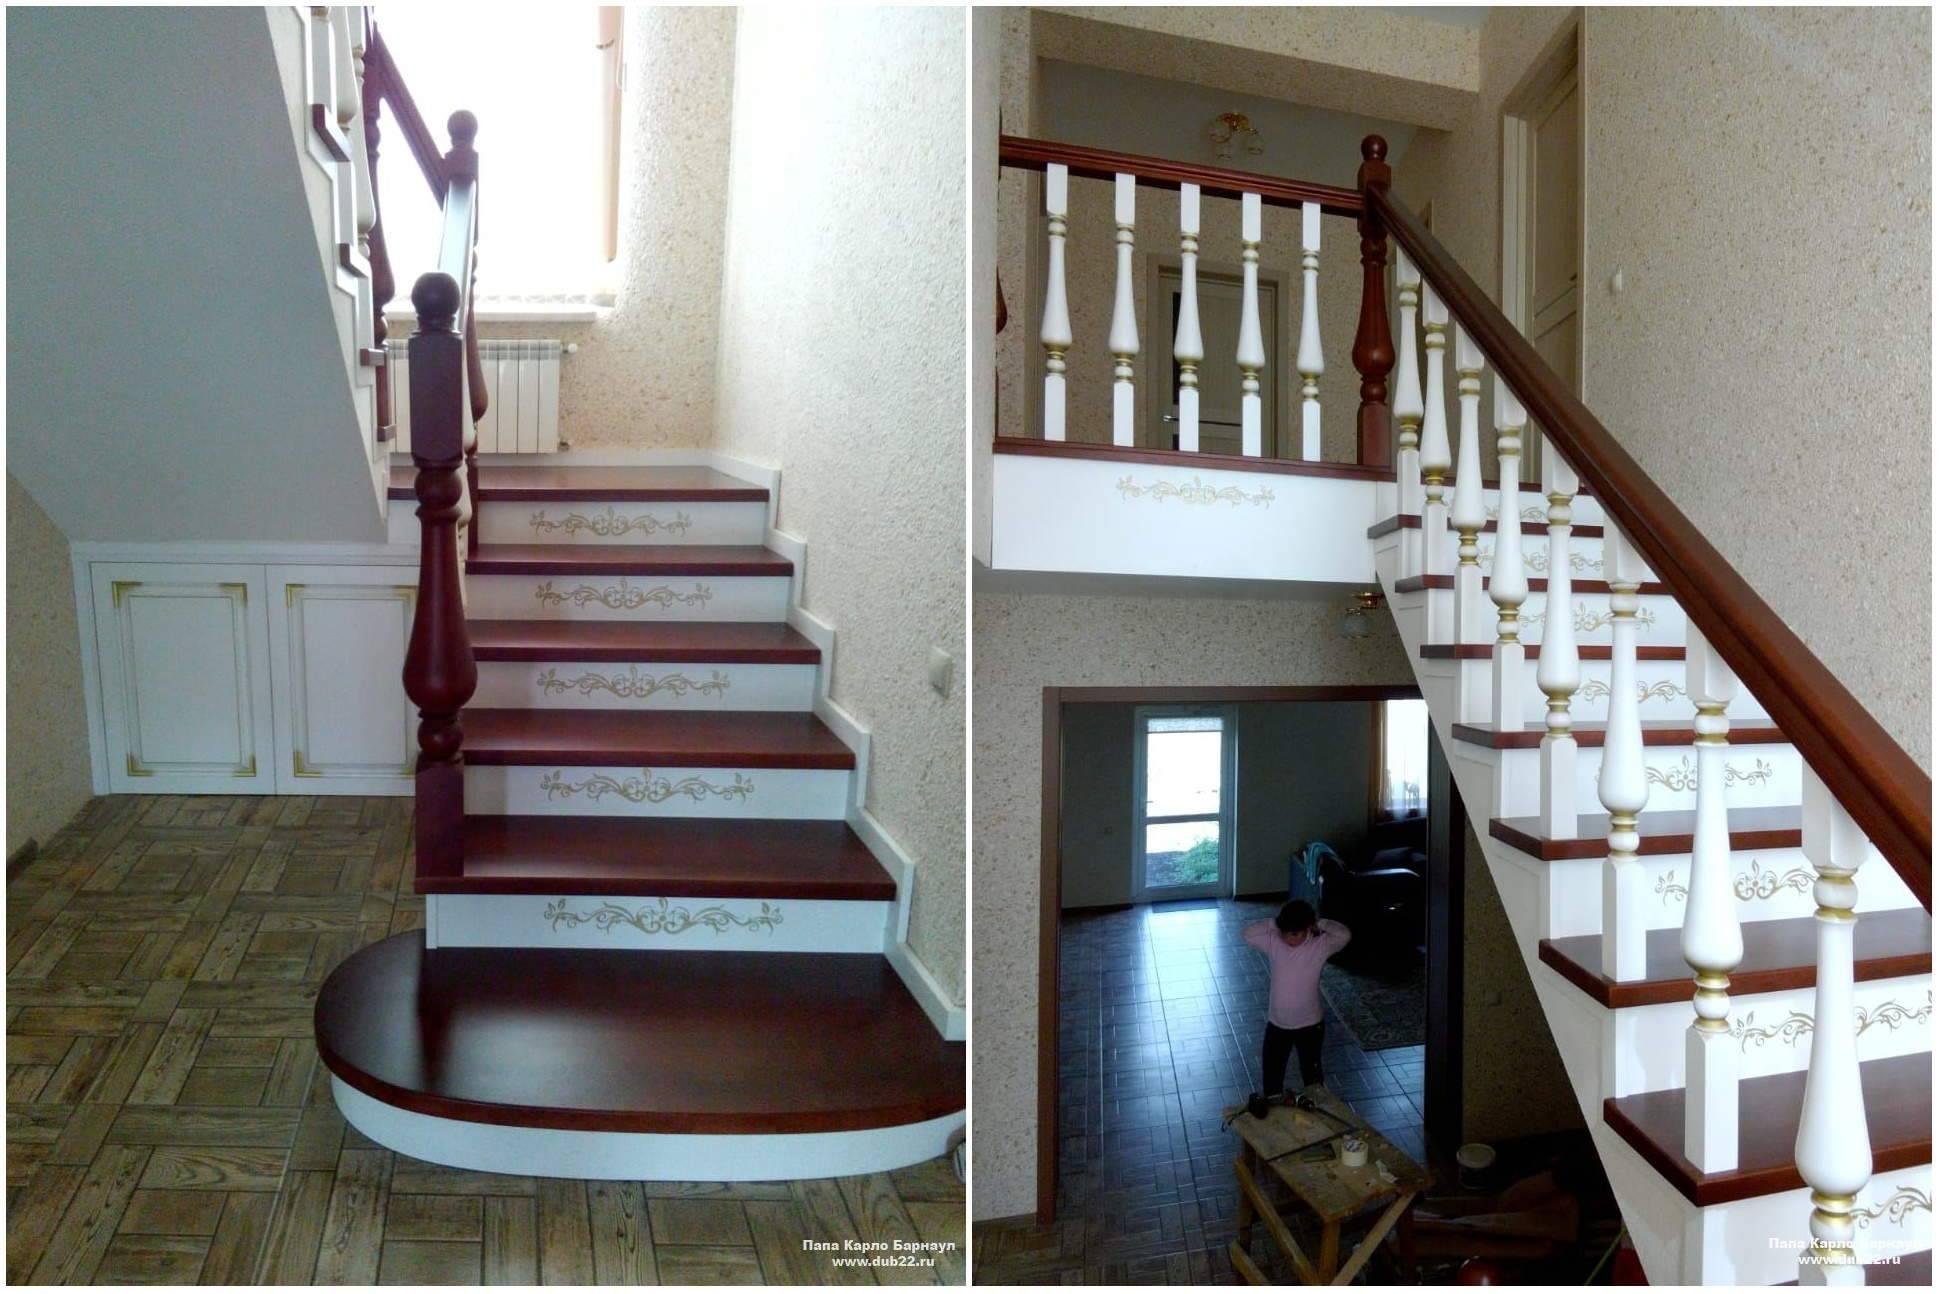 Как сделать лестницу на второй этаж на даче своими руками: 28 фото с примерами и этапами работ